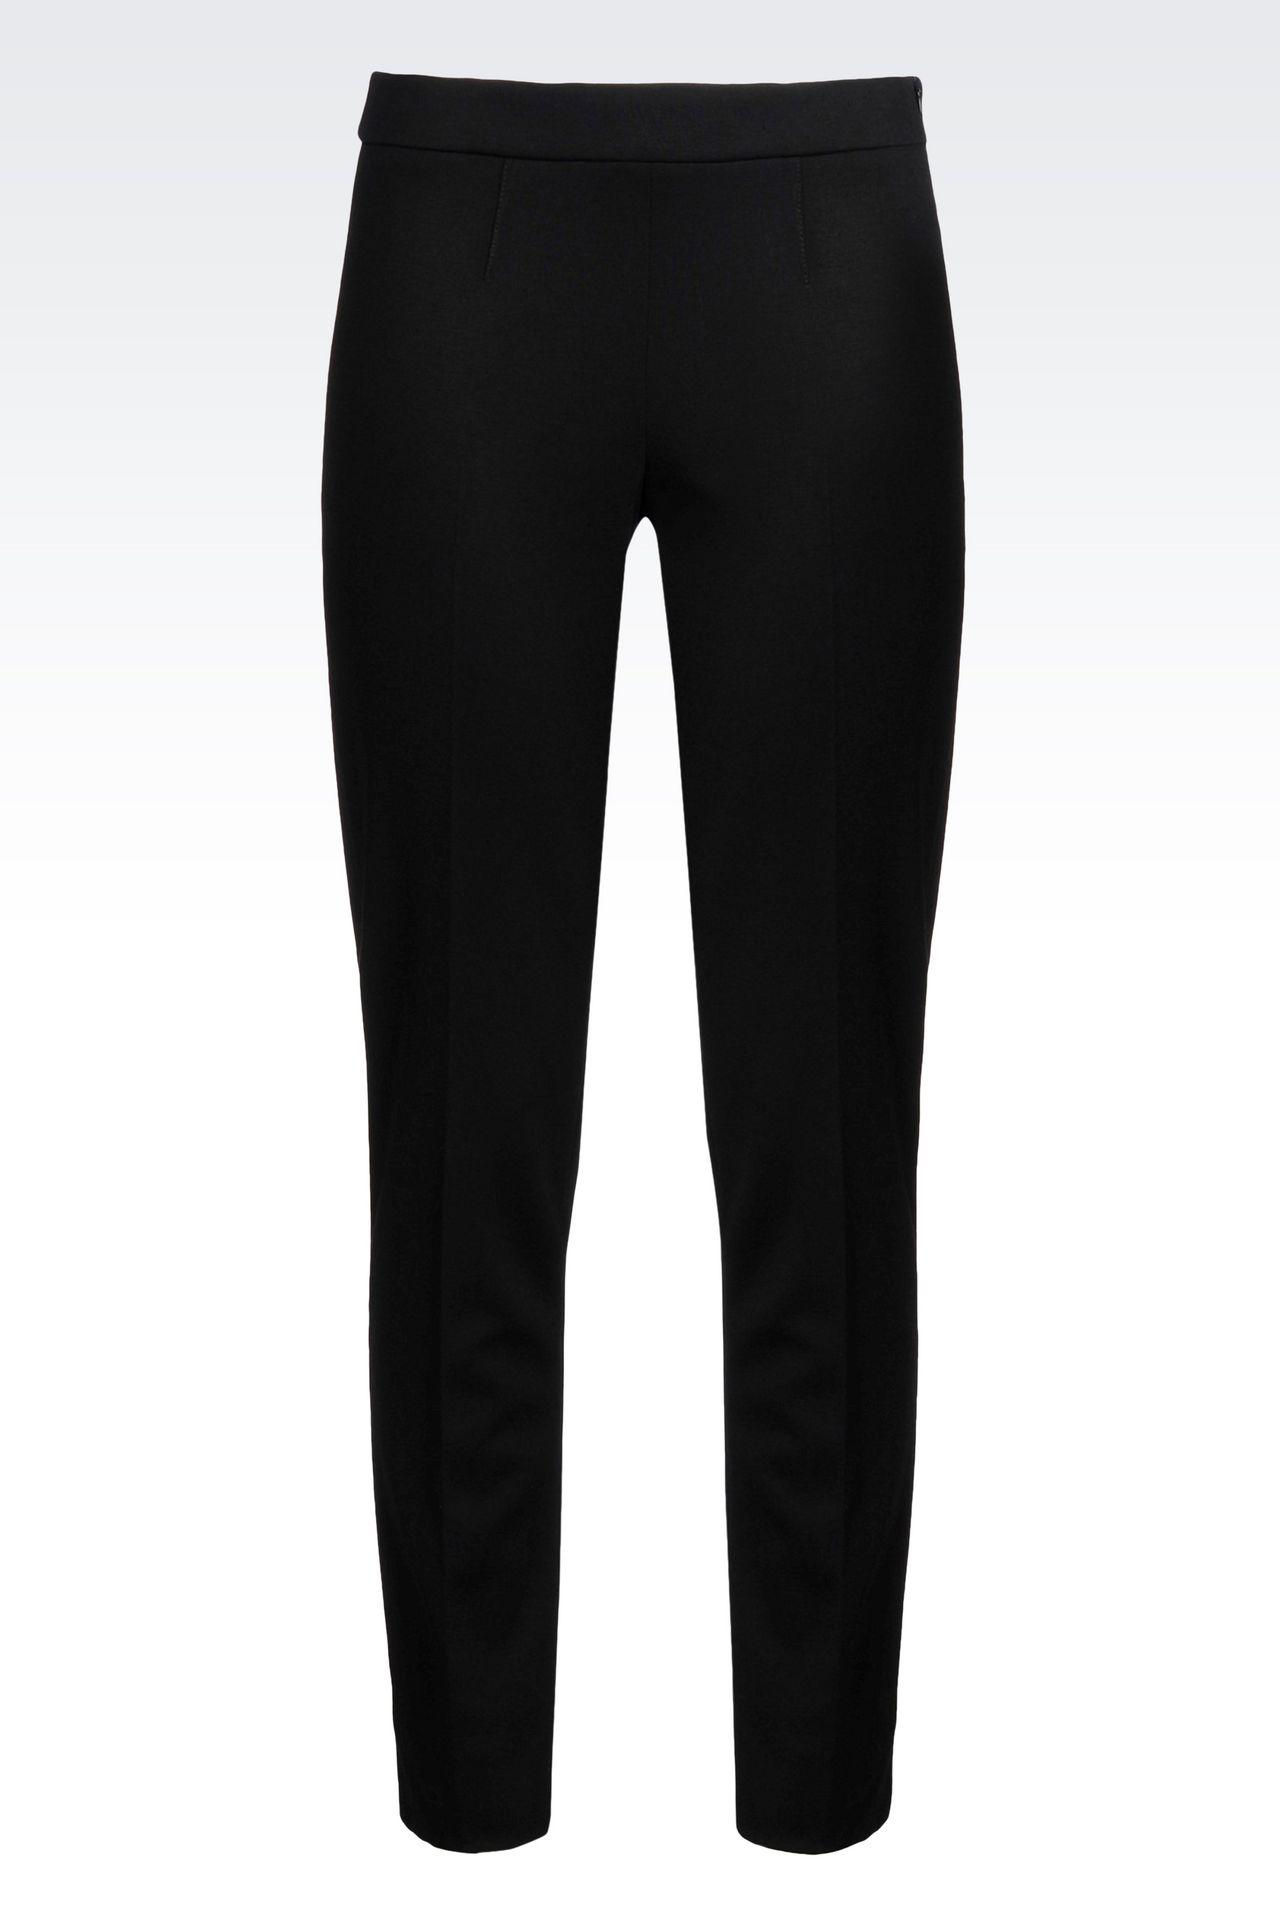 Cigarette trousers in viscose emporio armani official online store